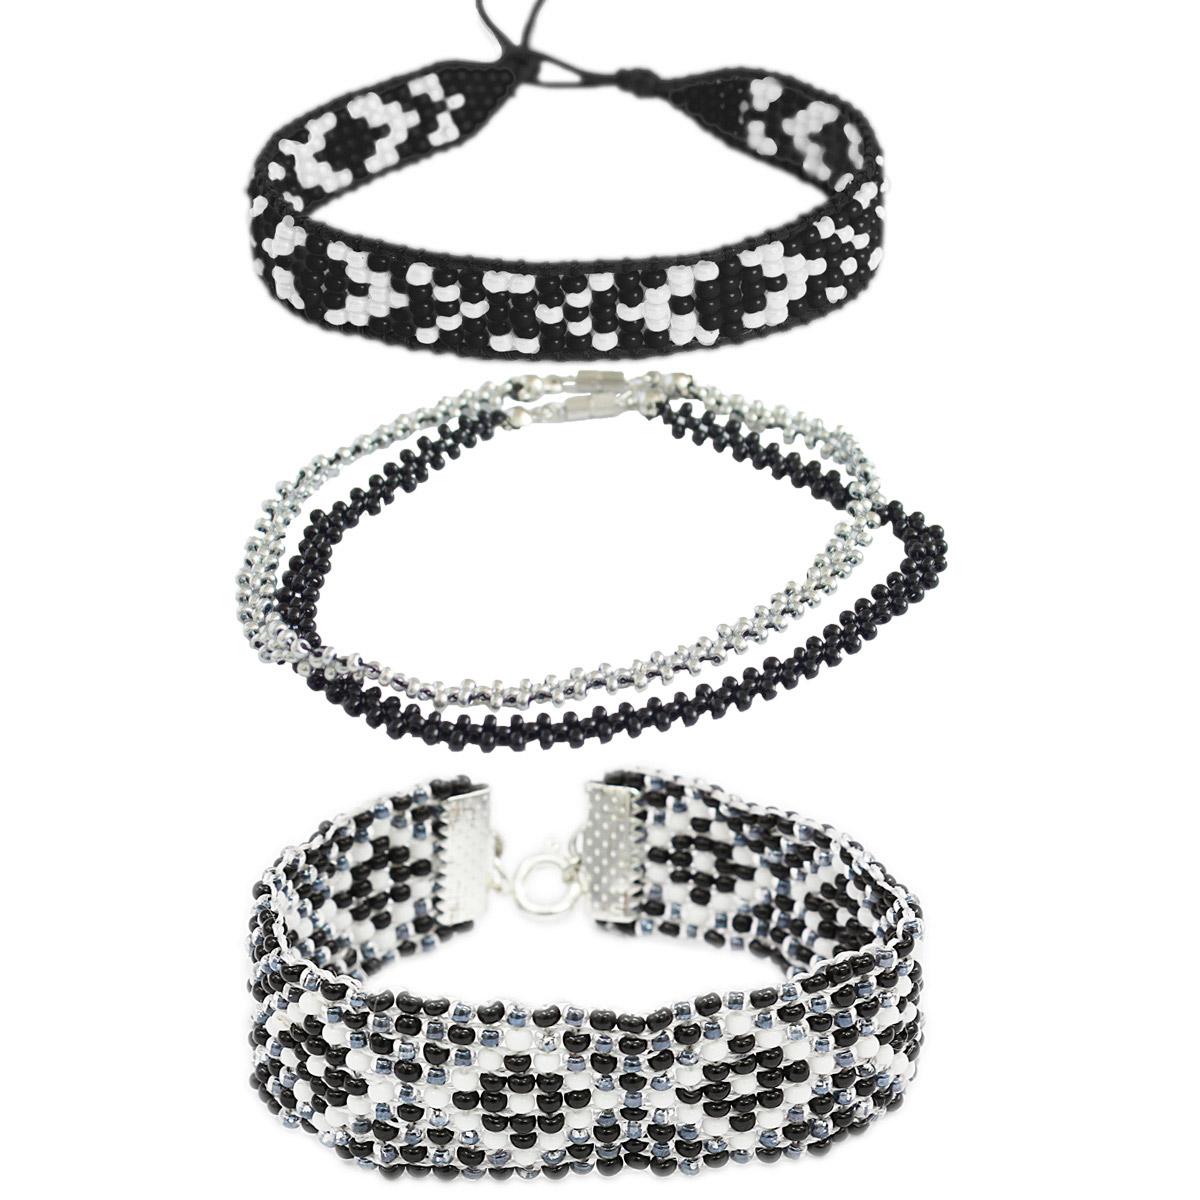 Набор для бисероплетения Hobby & Pro pearl Браслеты 'Черно-белая Классика'